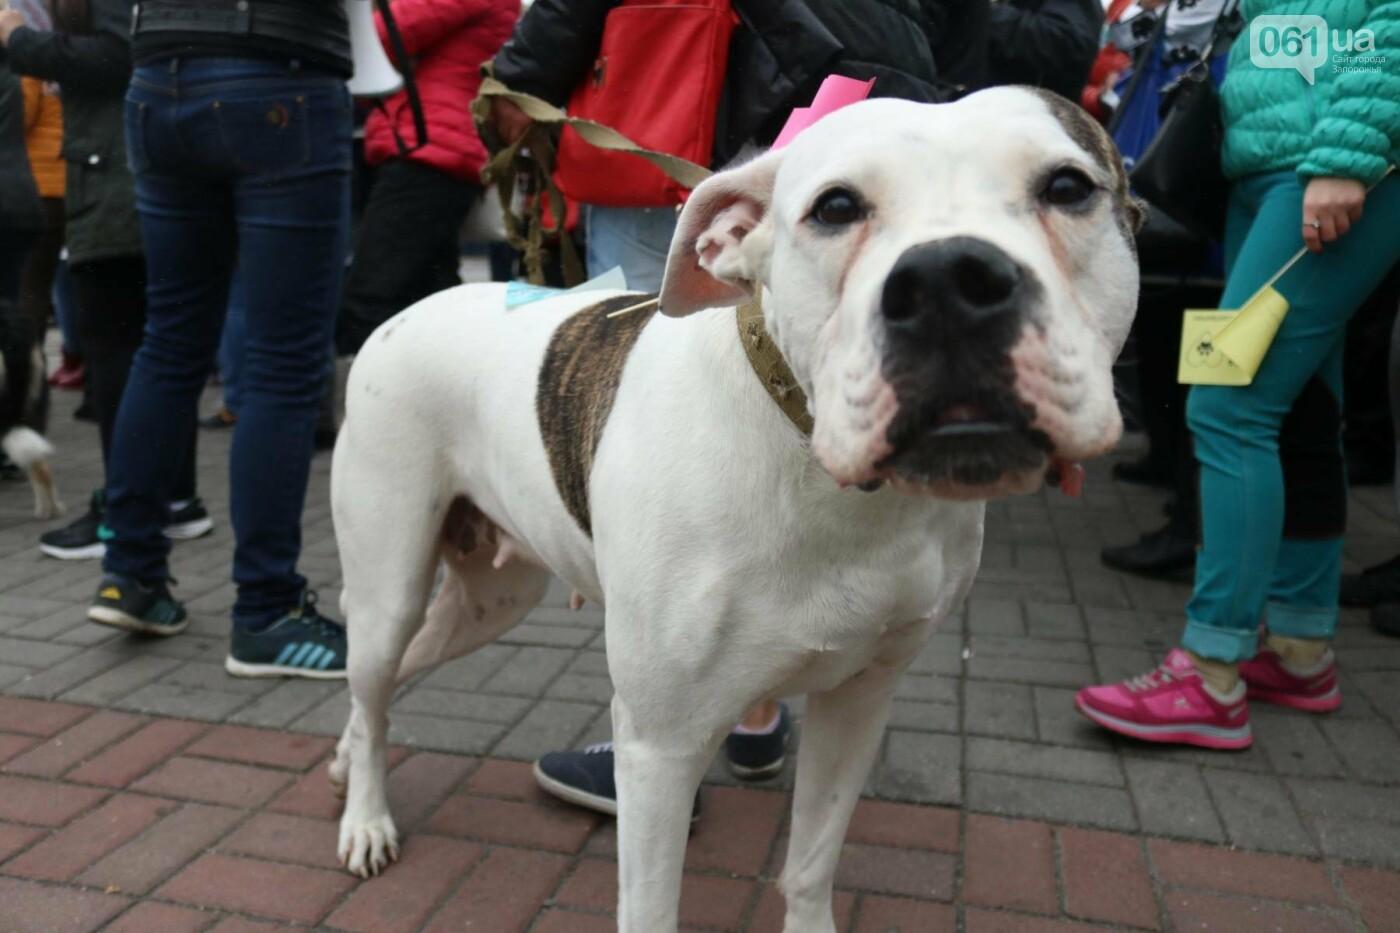 В Запорожье прошел марш за права животных, - ФОТОРЕПОРТАЖ, фото-5